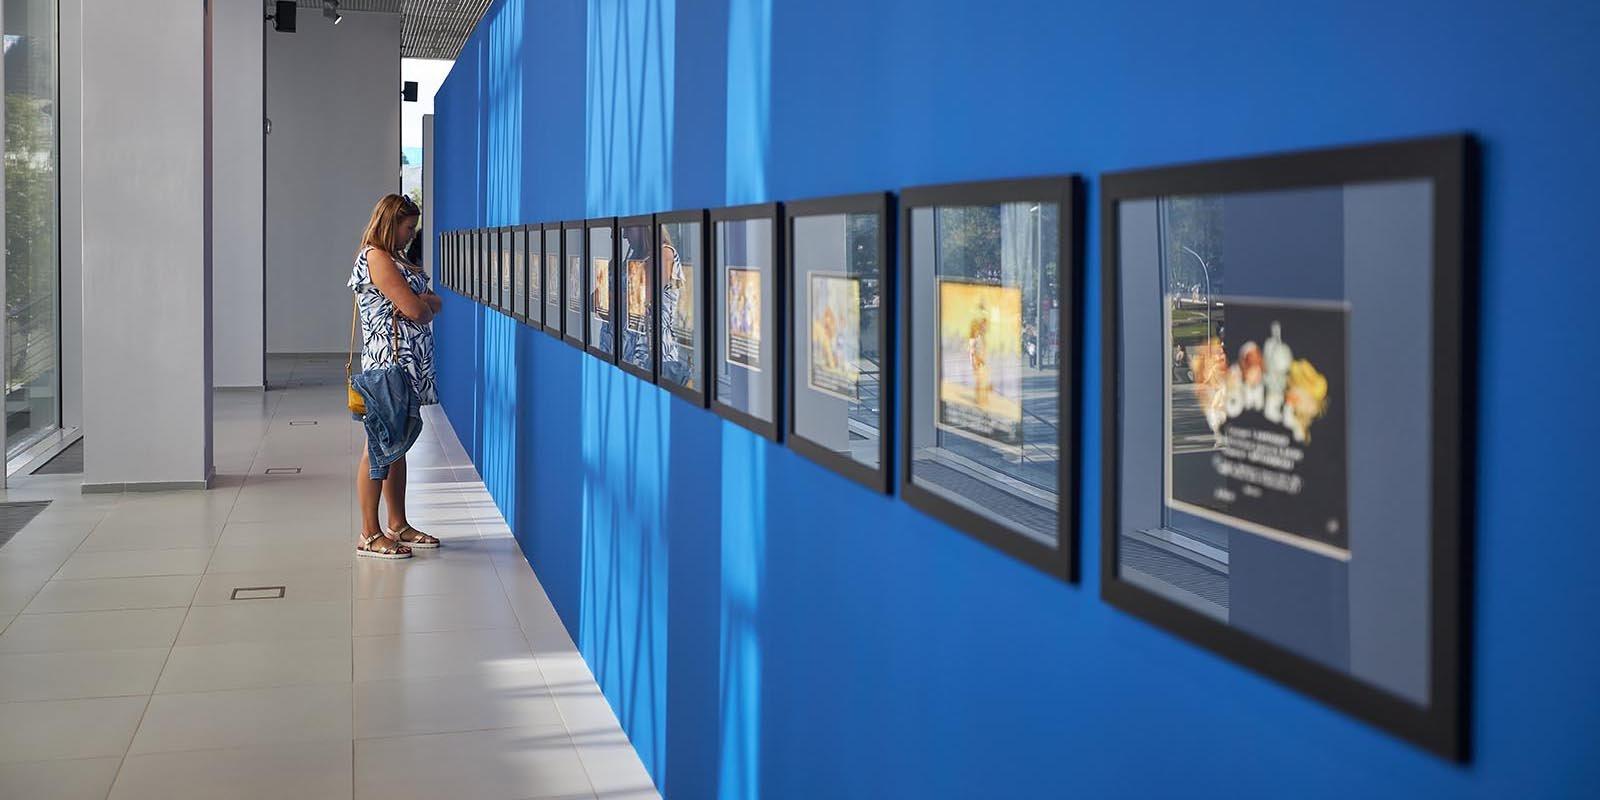 20190916_07-01-Осень в «Моем районе»- учебные дни можно будет проводить в 16 музеях города-pic4